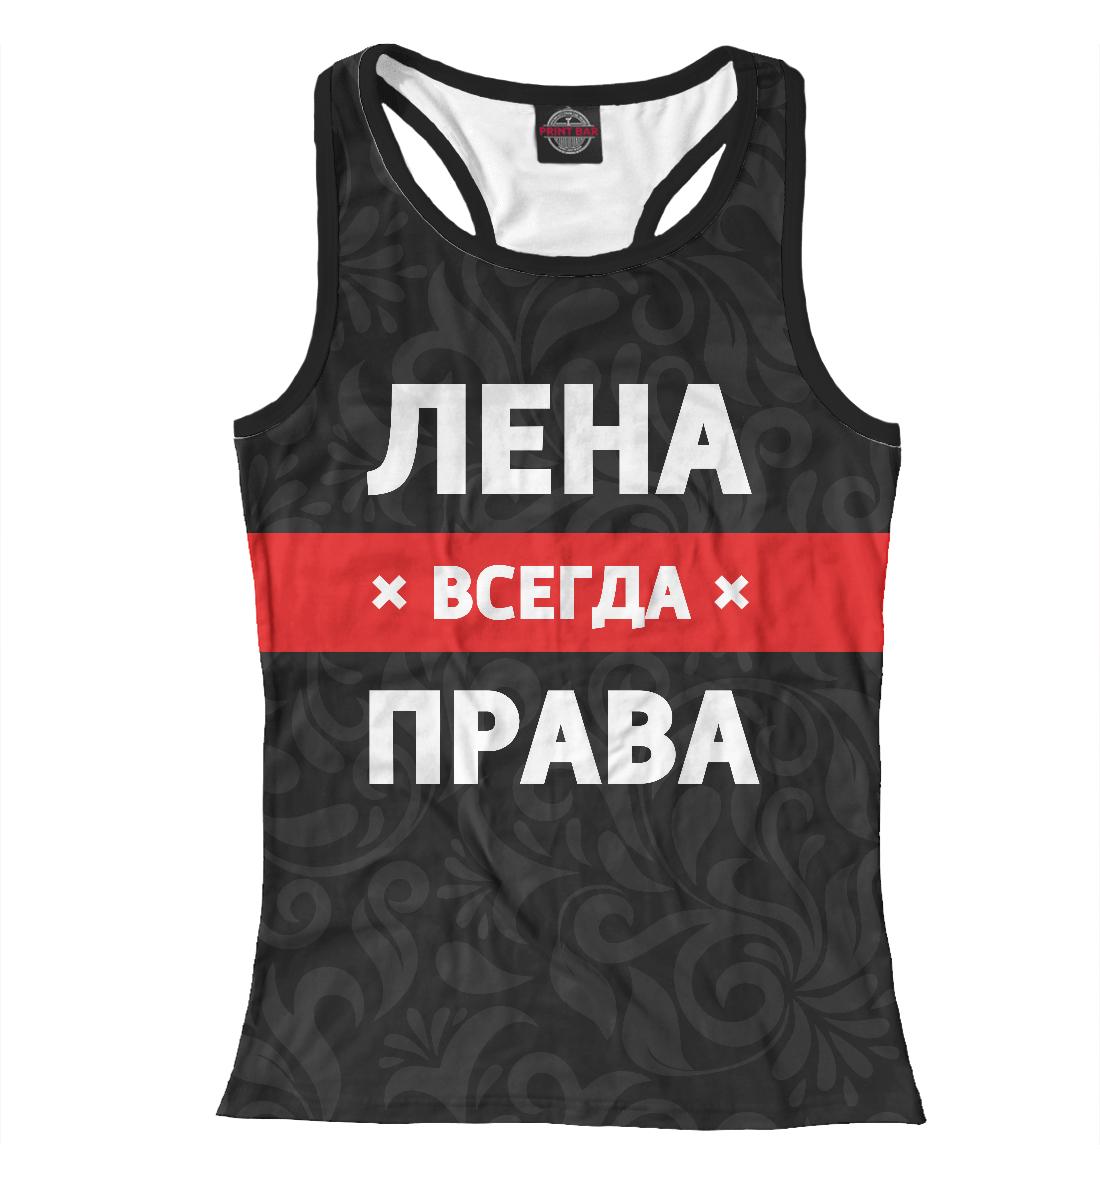 Купить Лена всегда права, Printbar, Майки борцовки, LEN-366631-mayb-1